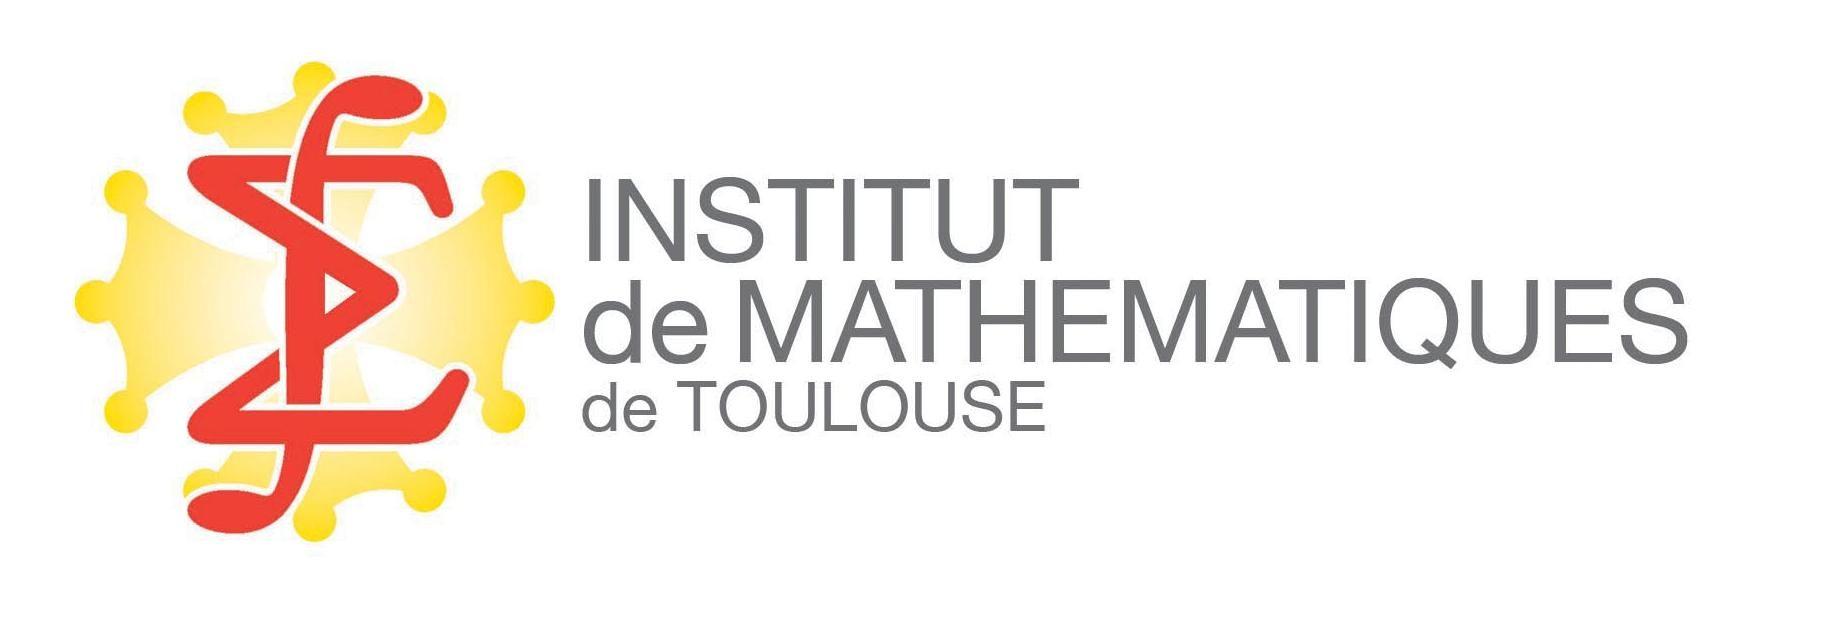 Institut de Mathématiques de Toulouse